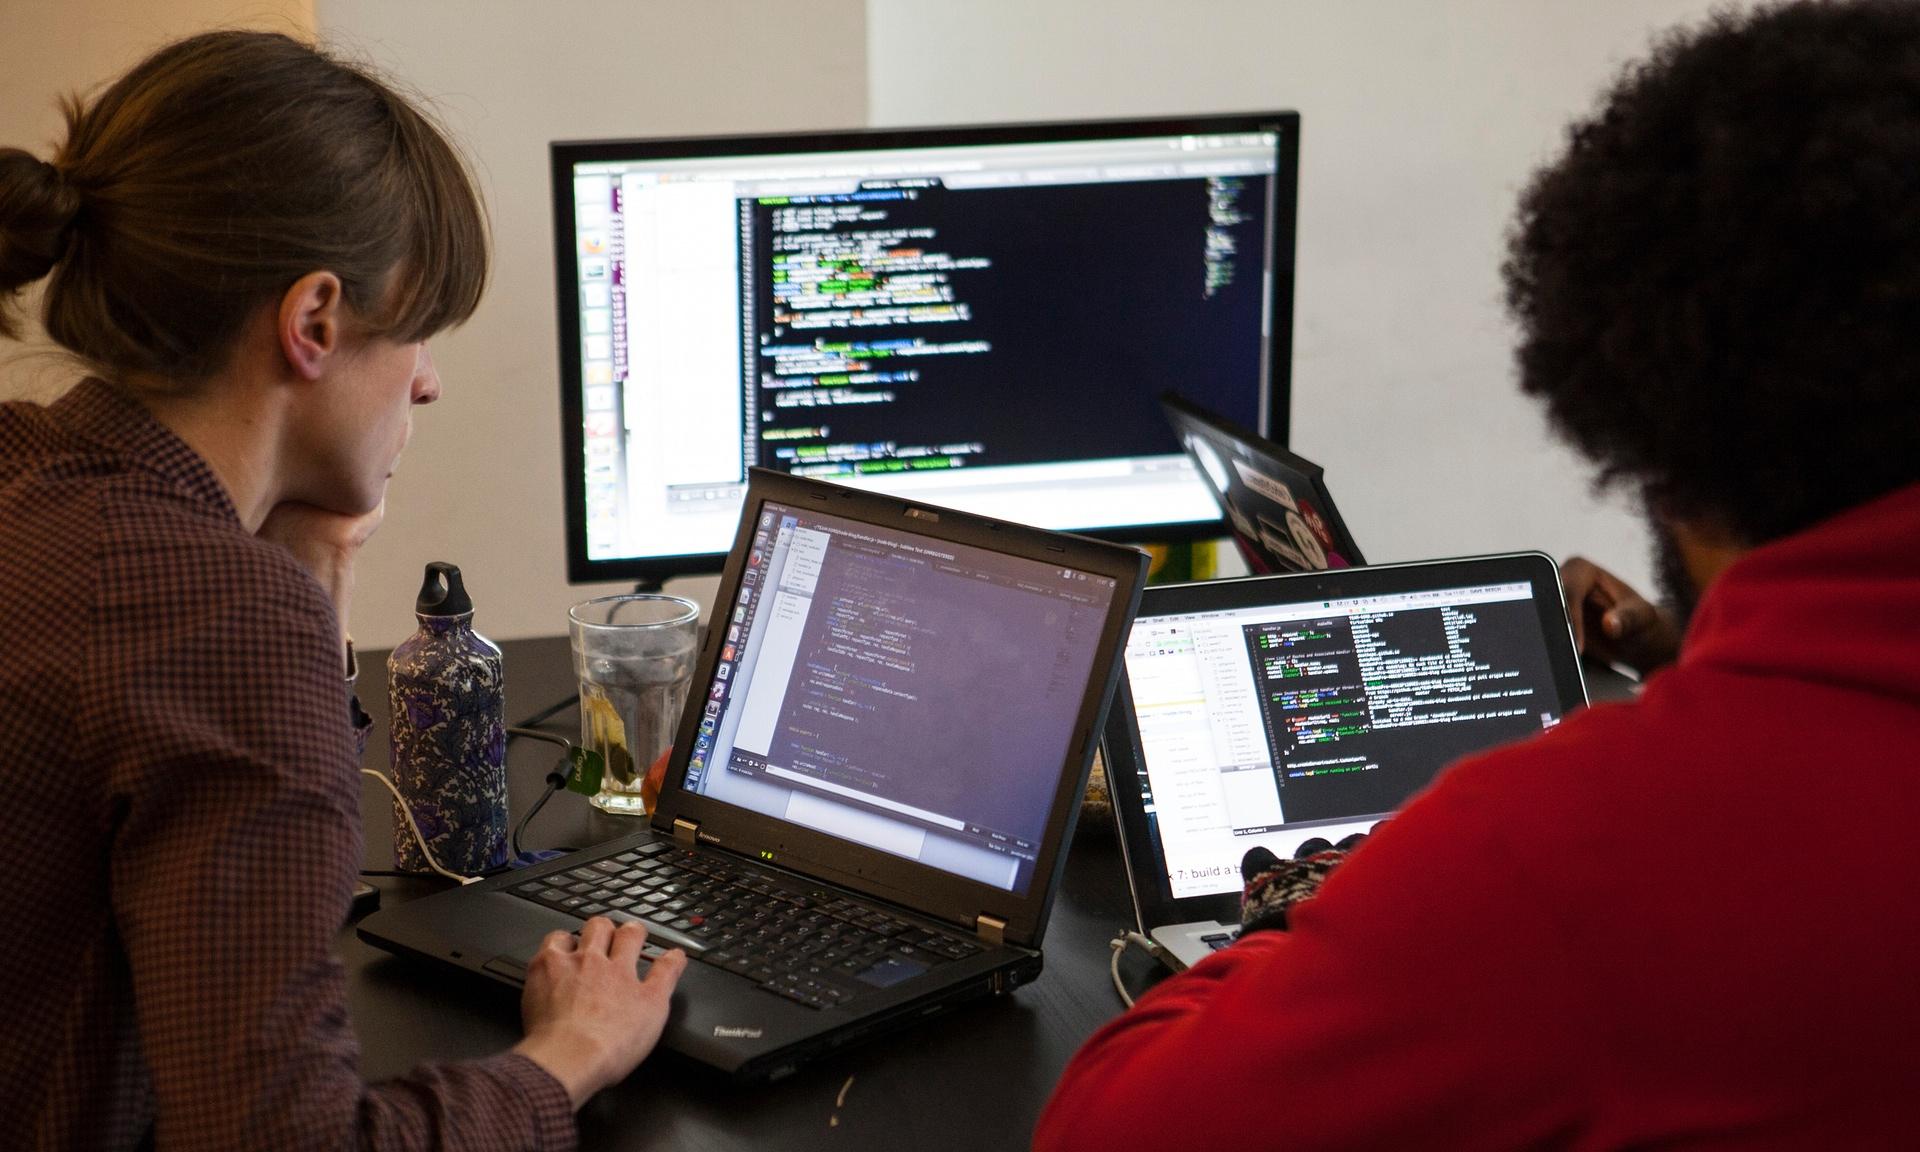 Woman Coders